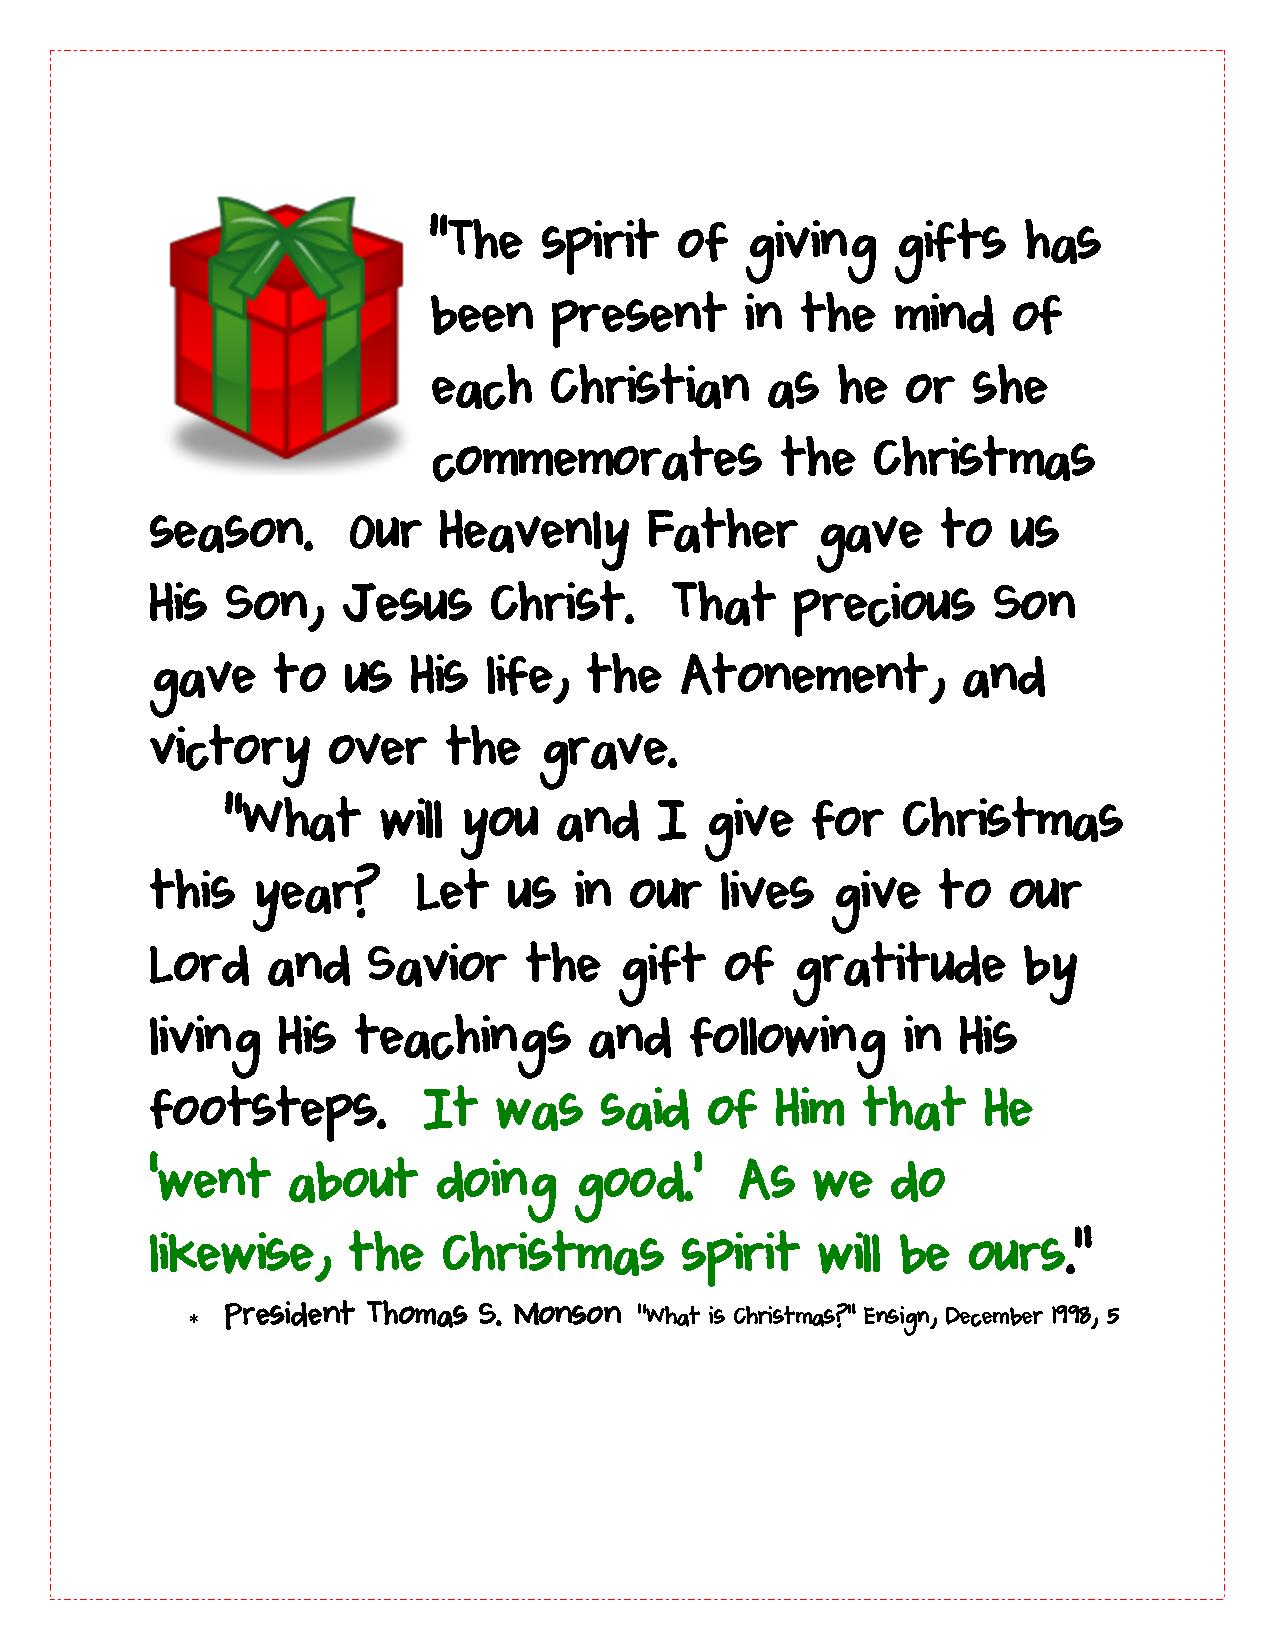 Christmas Card Quotes And Sayings Christian Christmas Card 2018